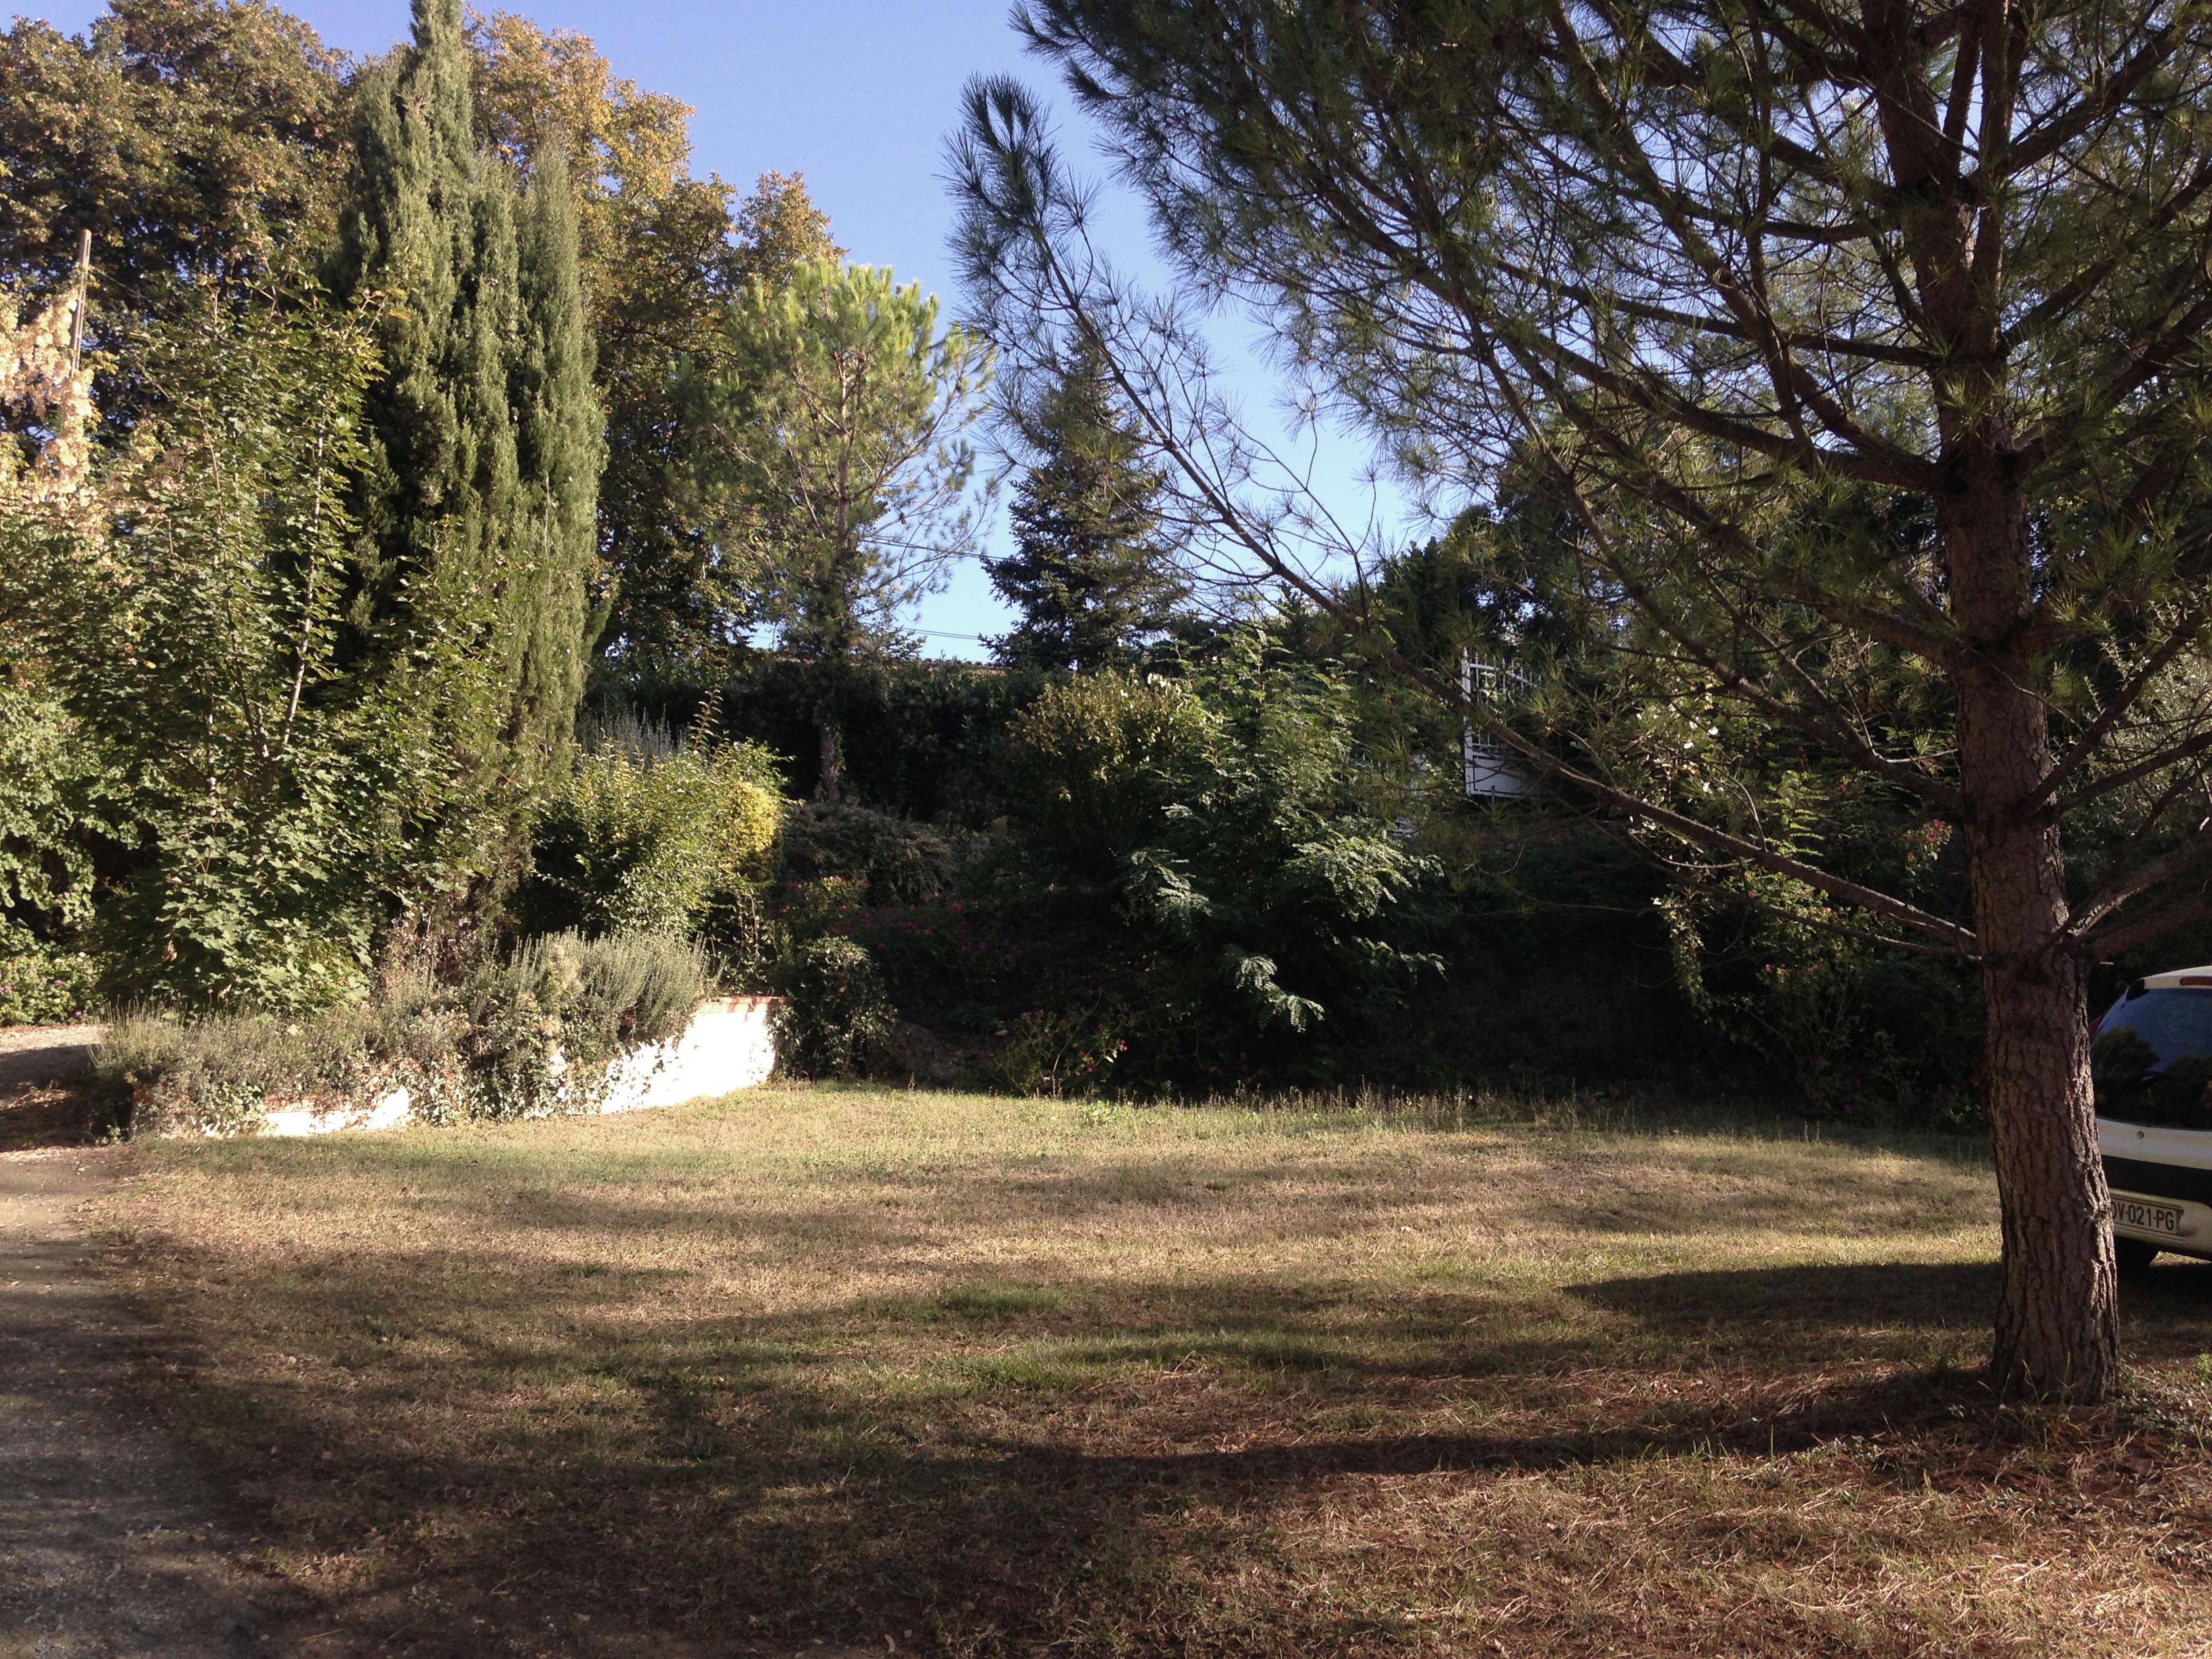 Vue actuel du terrain de la maison MRV à Toulouse. Le terrain présente une forte pente et une servitude de passage sur 2 côtés du terrain. Il a donc été proposé d'ouvrir la maison au sud est sur un jardin arboré sans vis à vis.